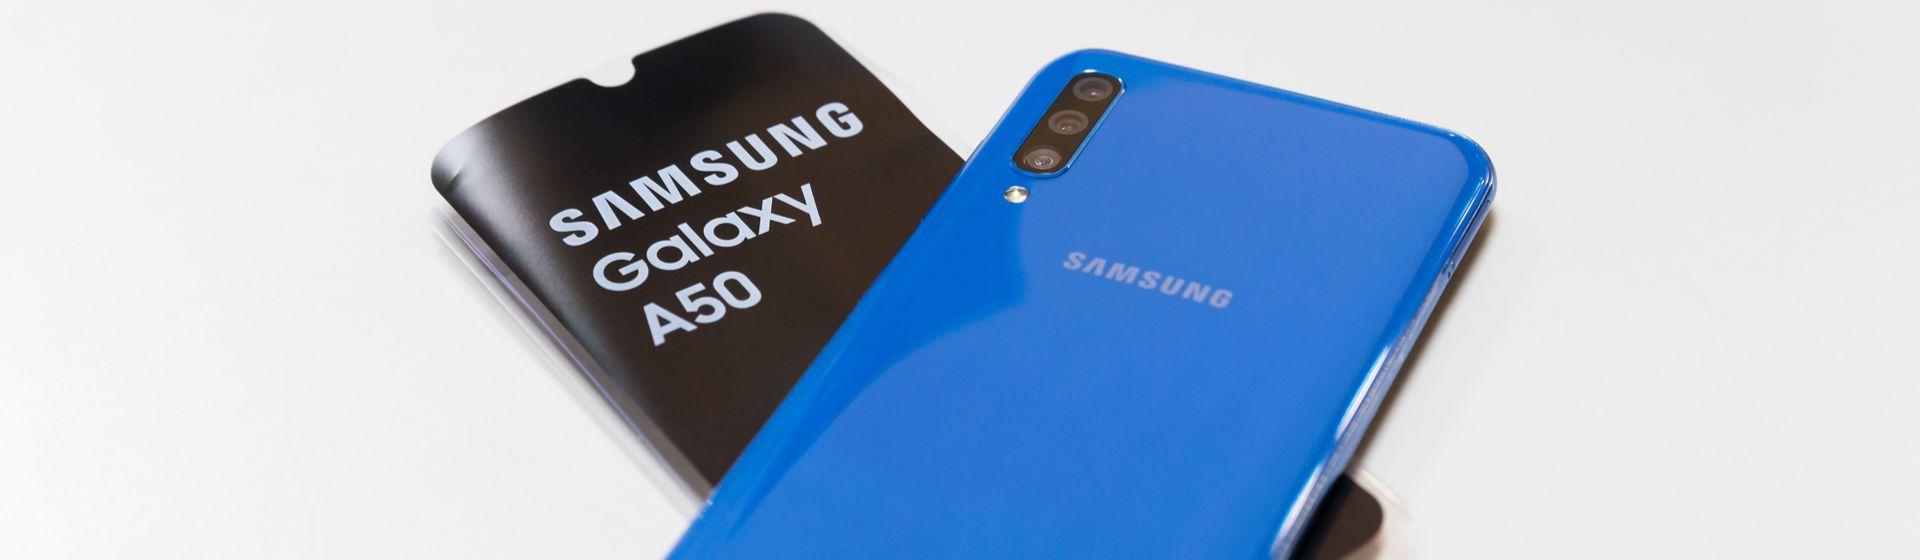 Galaxy A50 é bom? Conheça ficha técnica do celular Samsung